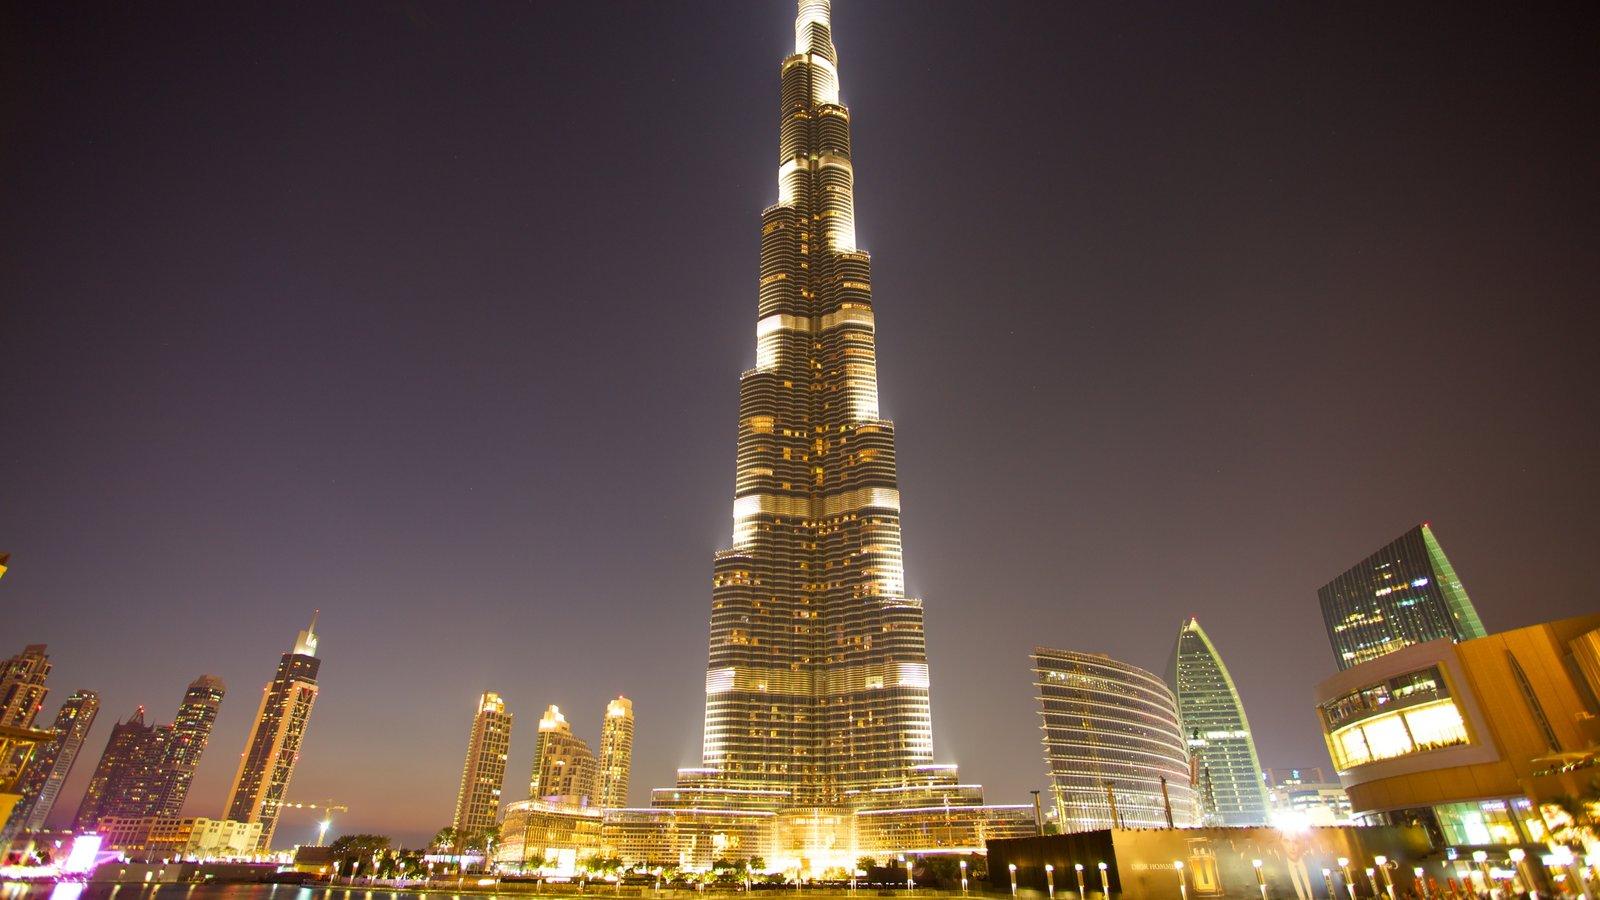 Burj Khalifa mostrando un edificio de gran altura, arquitectura moderna y distrito financiero central